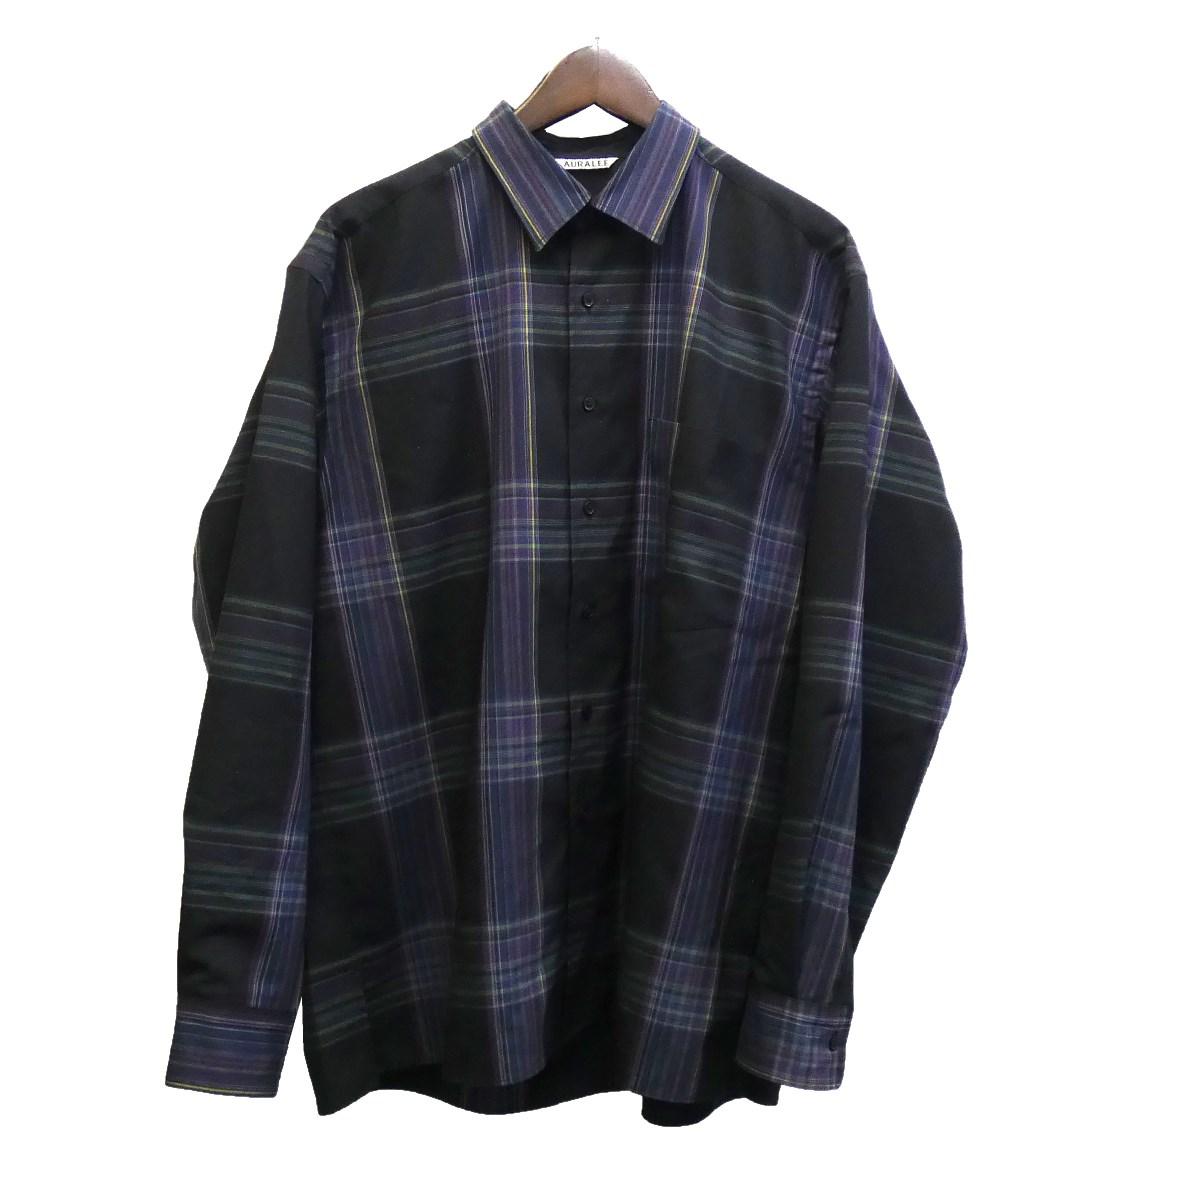 【中古】AURALEE 19AW 「SUPER LIGHT WOOL CHECK SHIRTS」チェックシャツ ブラック サイズ:3 【130220】(オーラリー)